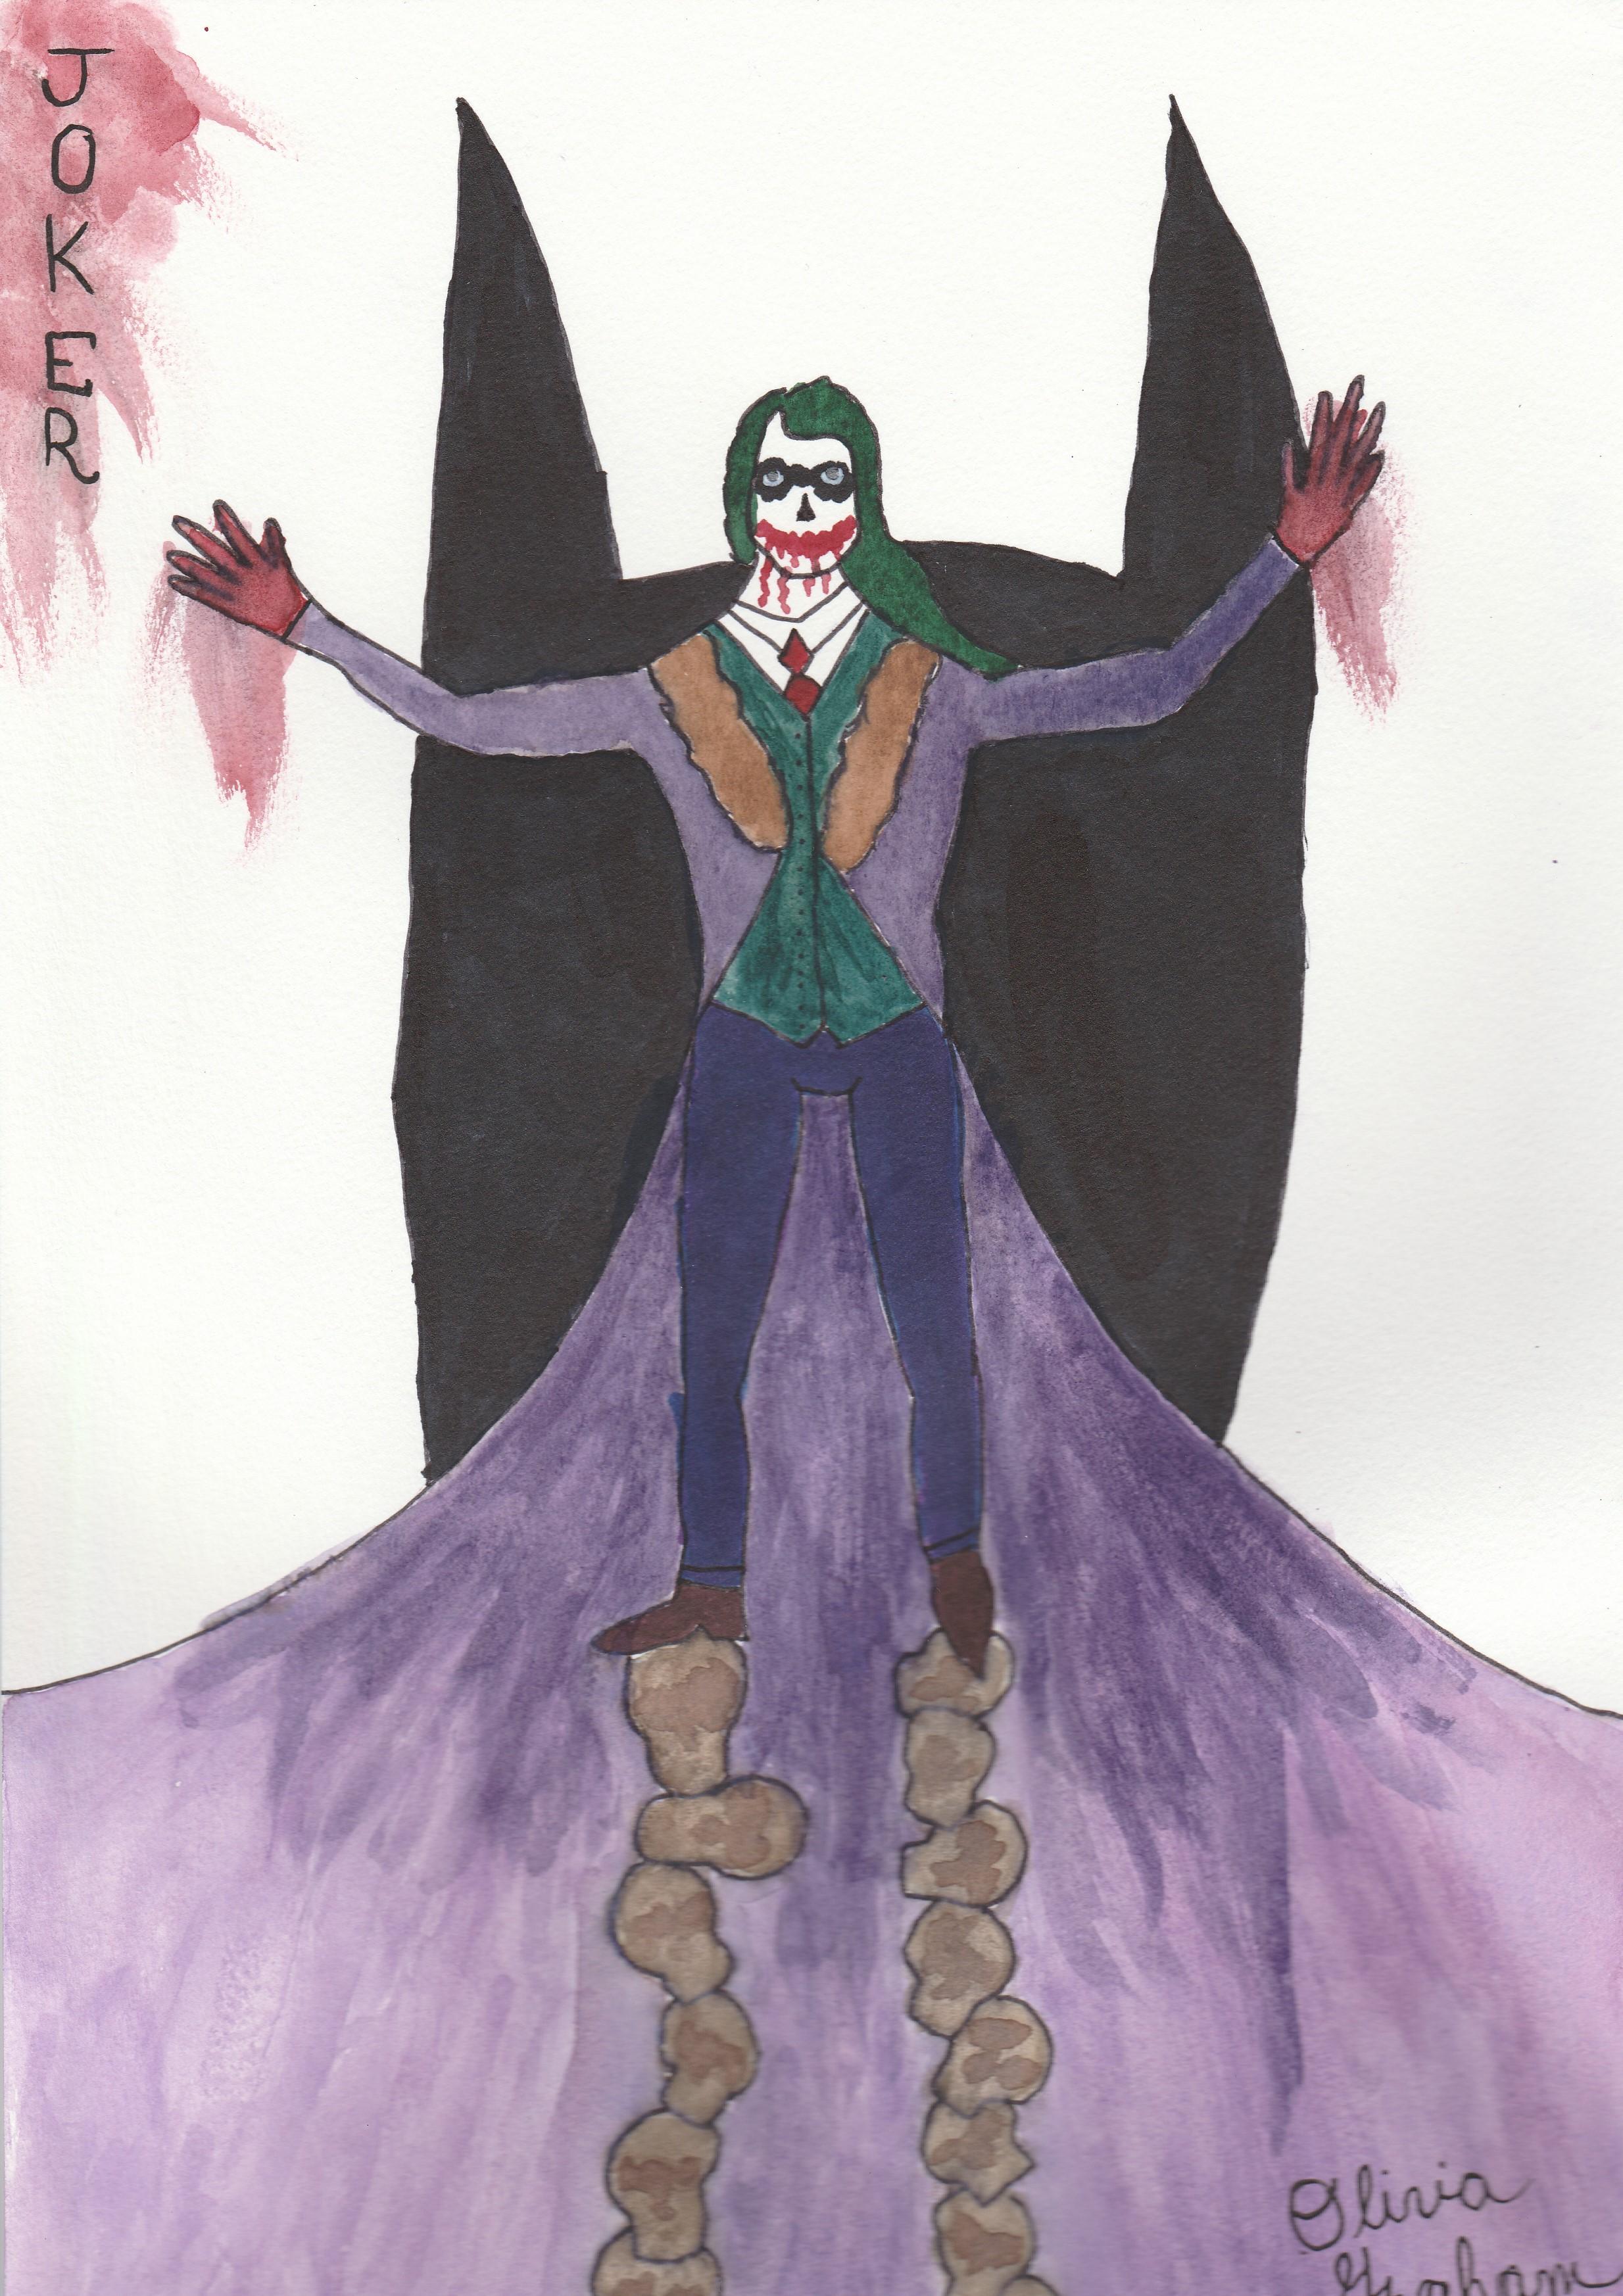 The Joker Level 99